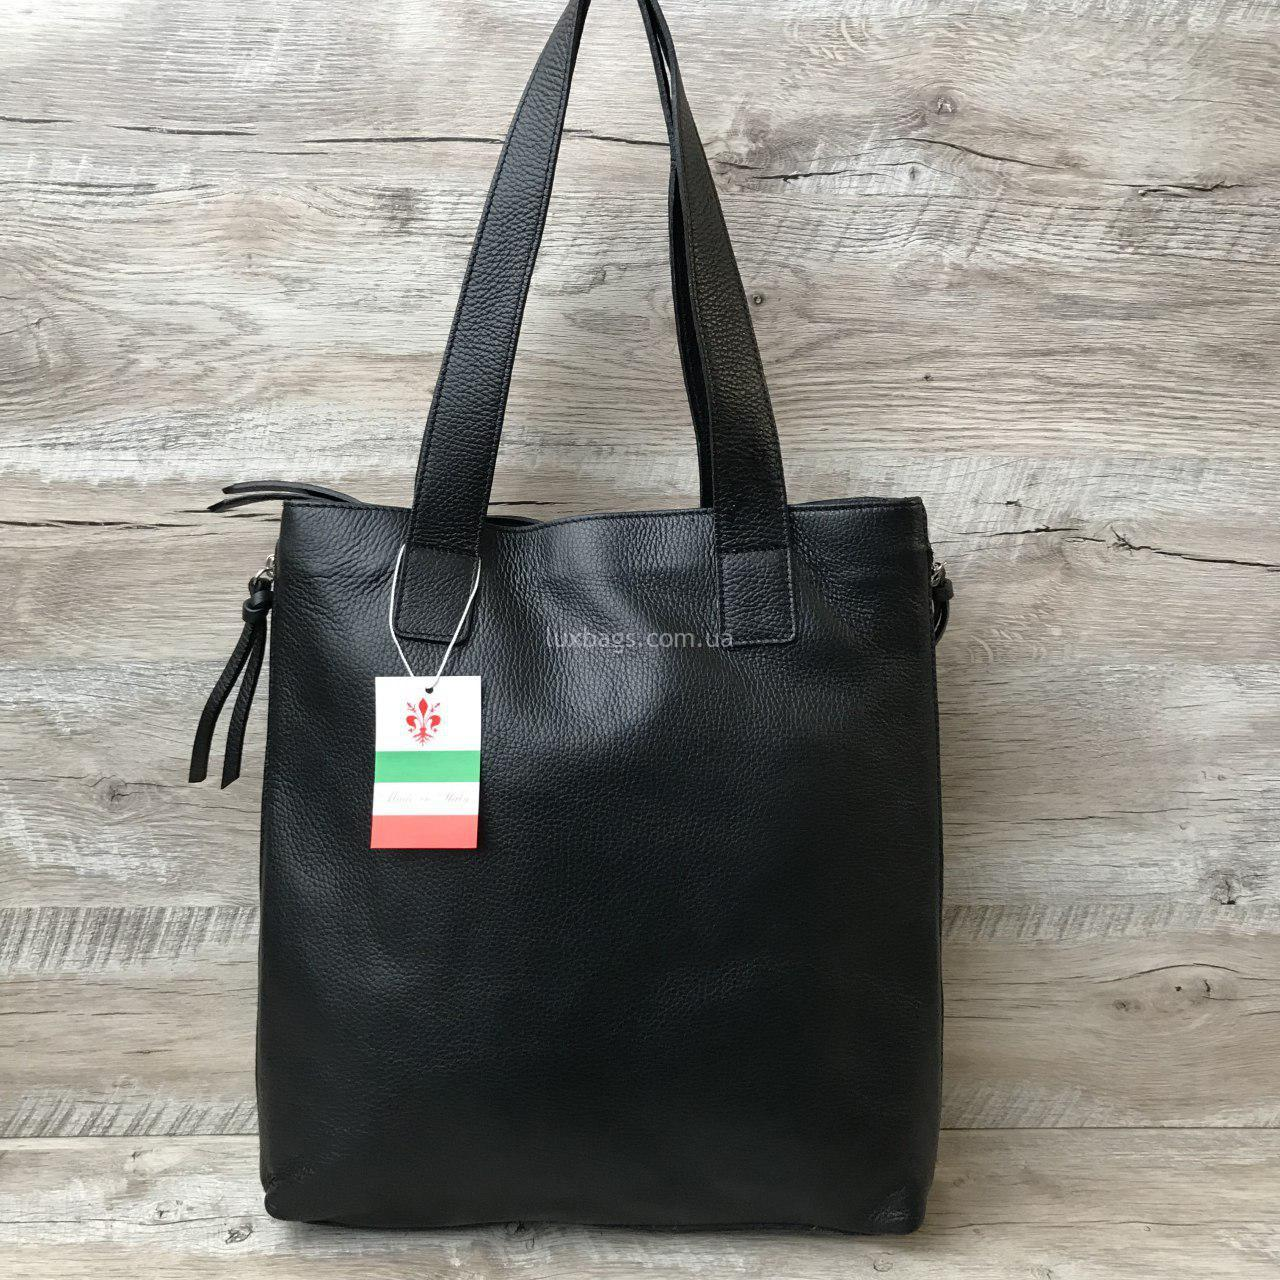 560135aeae54 Кожаная женская Итальянская сумка Купить на lux-bags